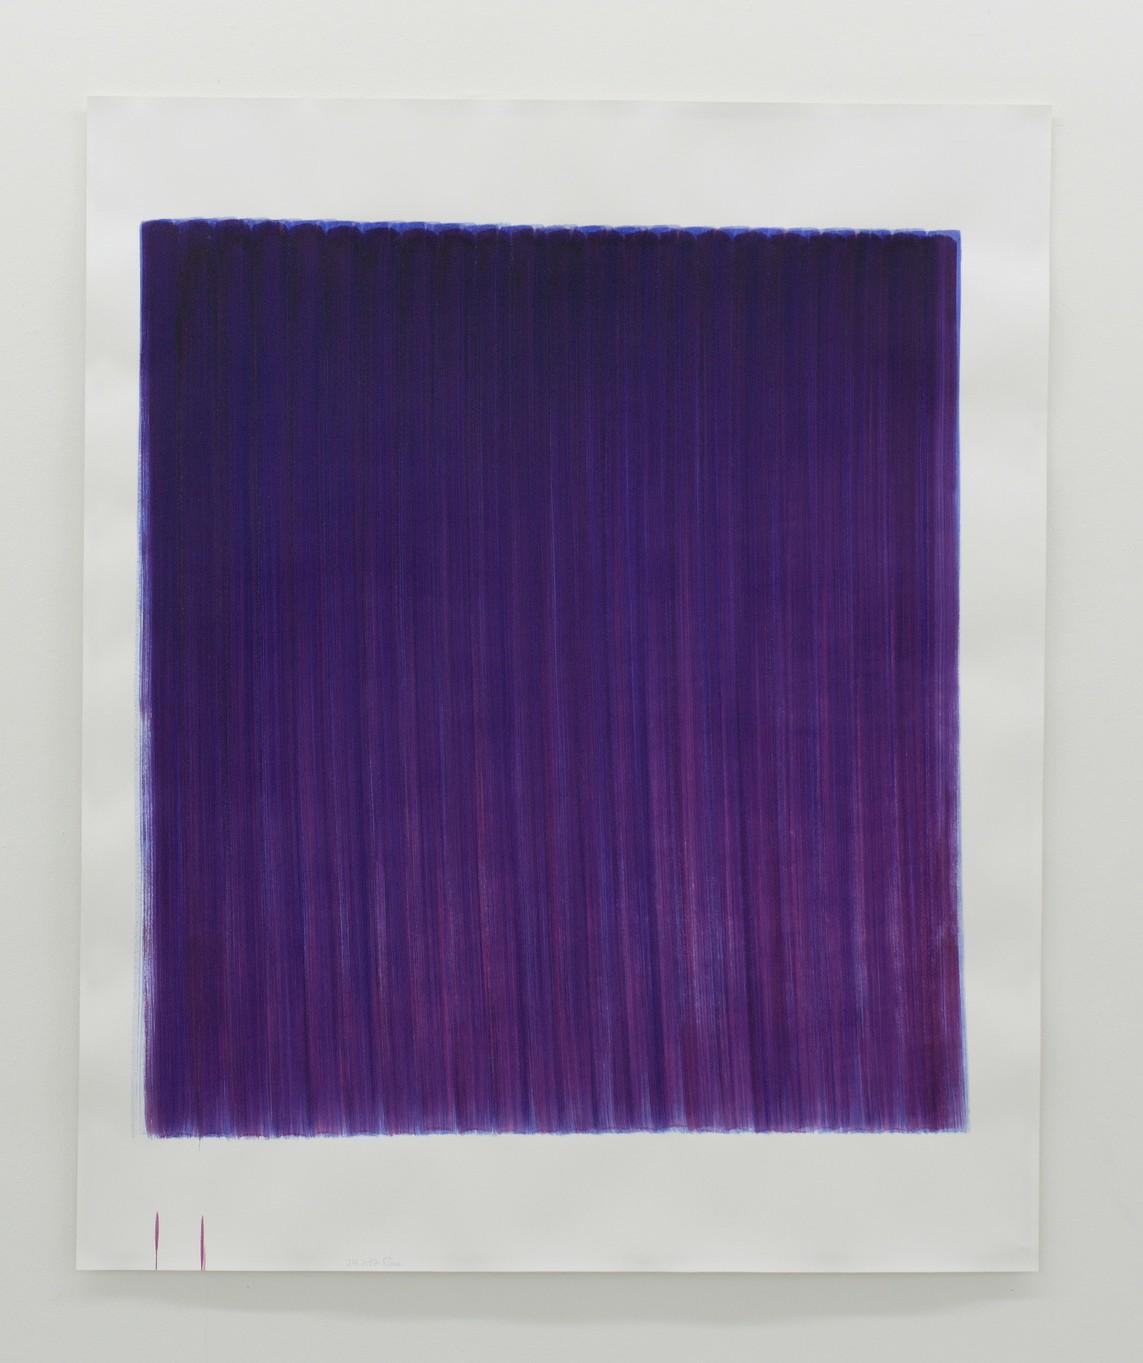 o.T. (24.2.17), Aquarell auf Papier, 2017, 185 x 152 cm